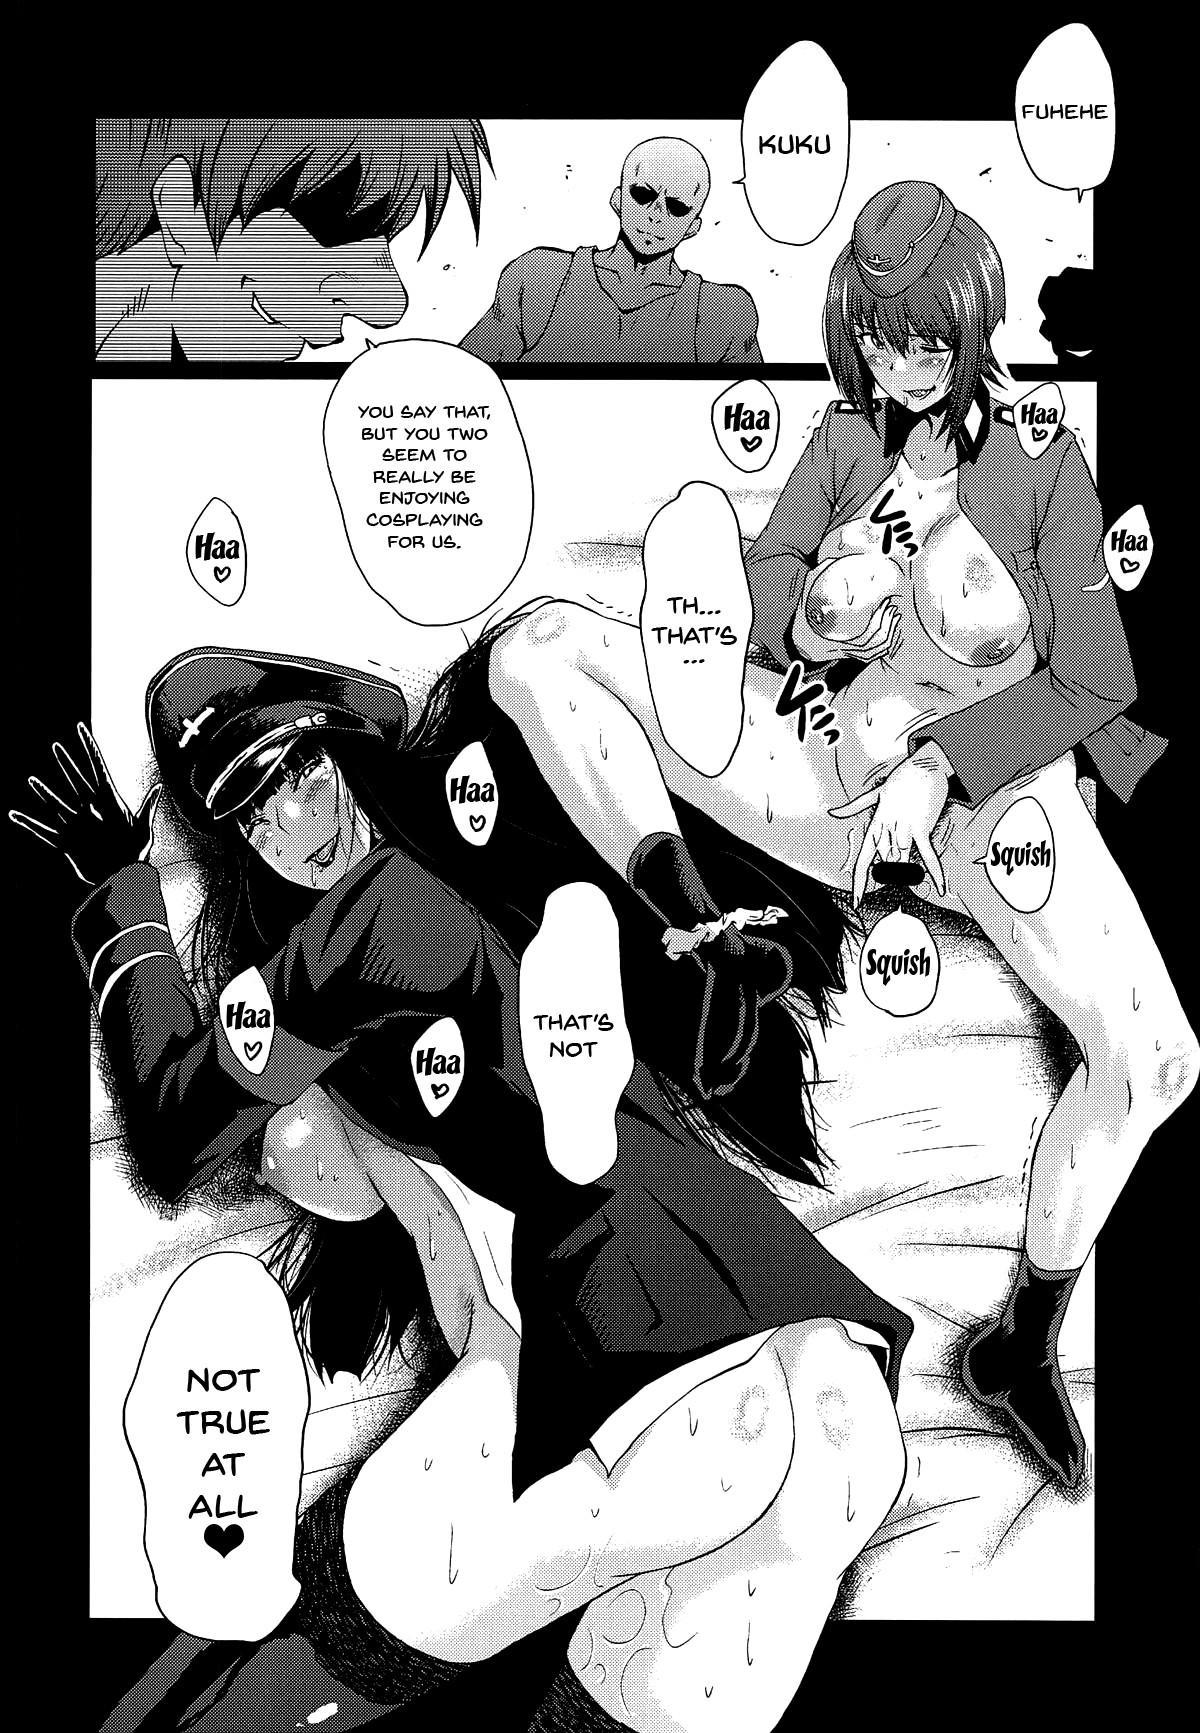 Urabambi Vol. 57 Taihai no Koutetsu Fujin | Urabambi Vol. 57 - Corruption Of The Steel Woman 4